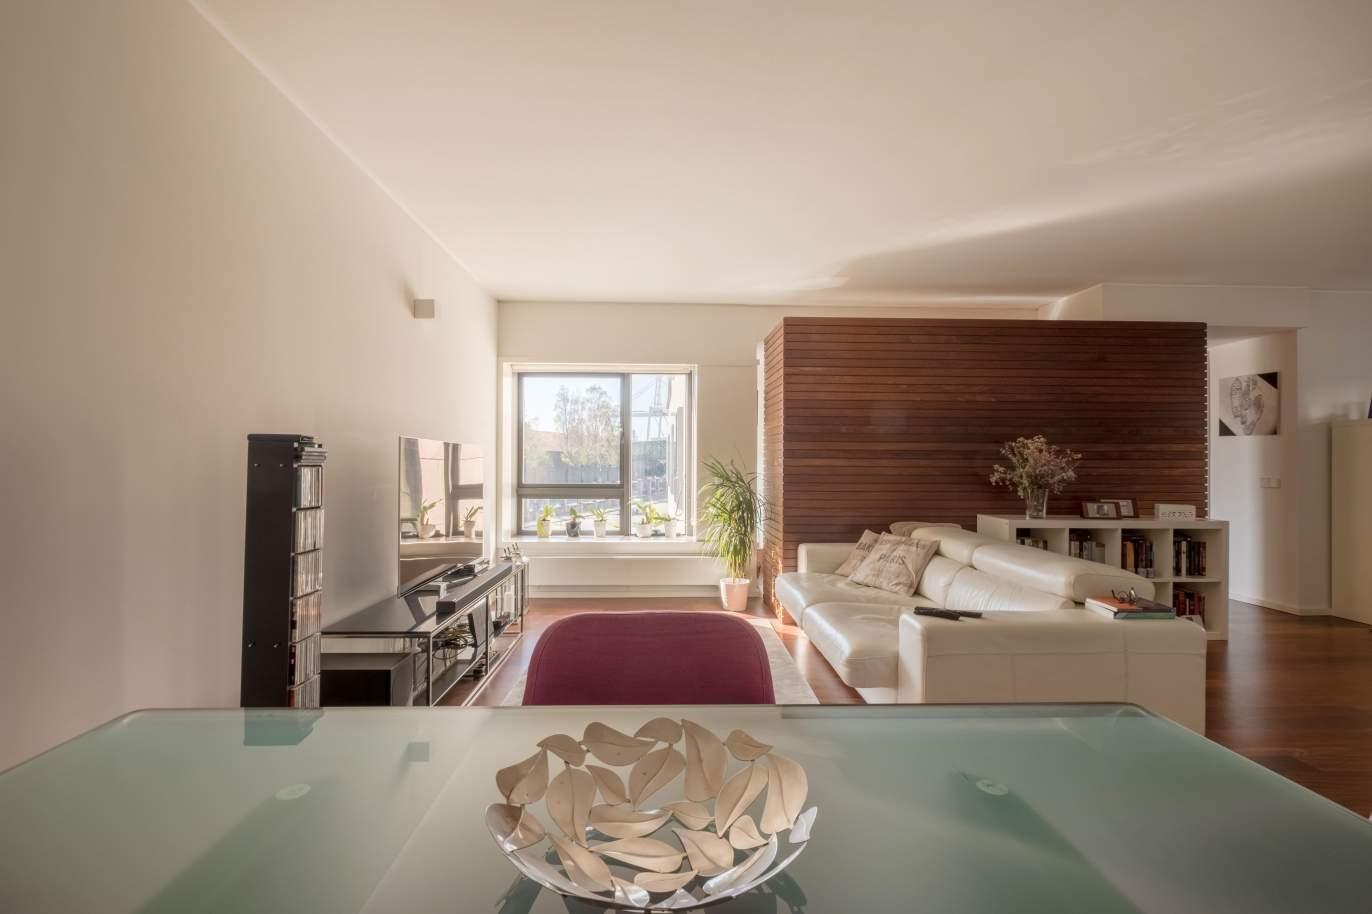 venda-de-apartamento-de-luxo-na-zona-historica-de-leca-da-palmeira